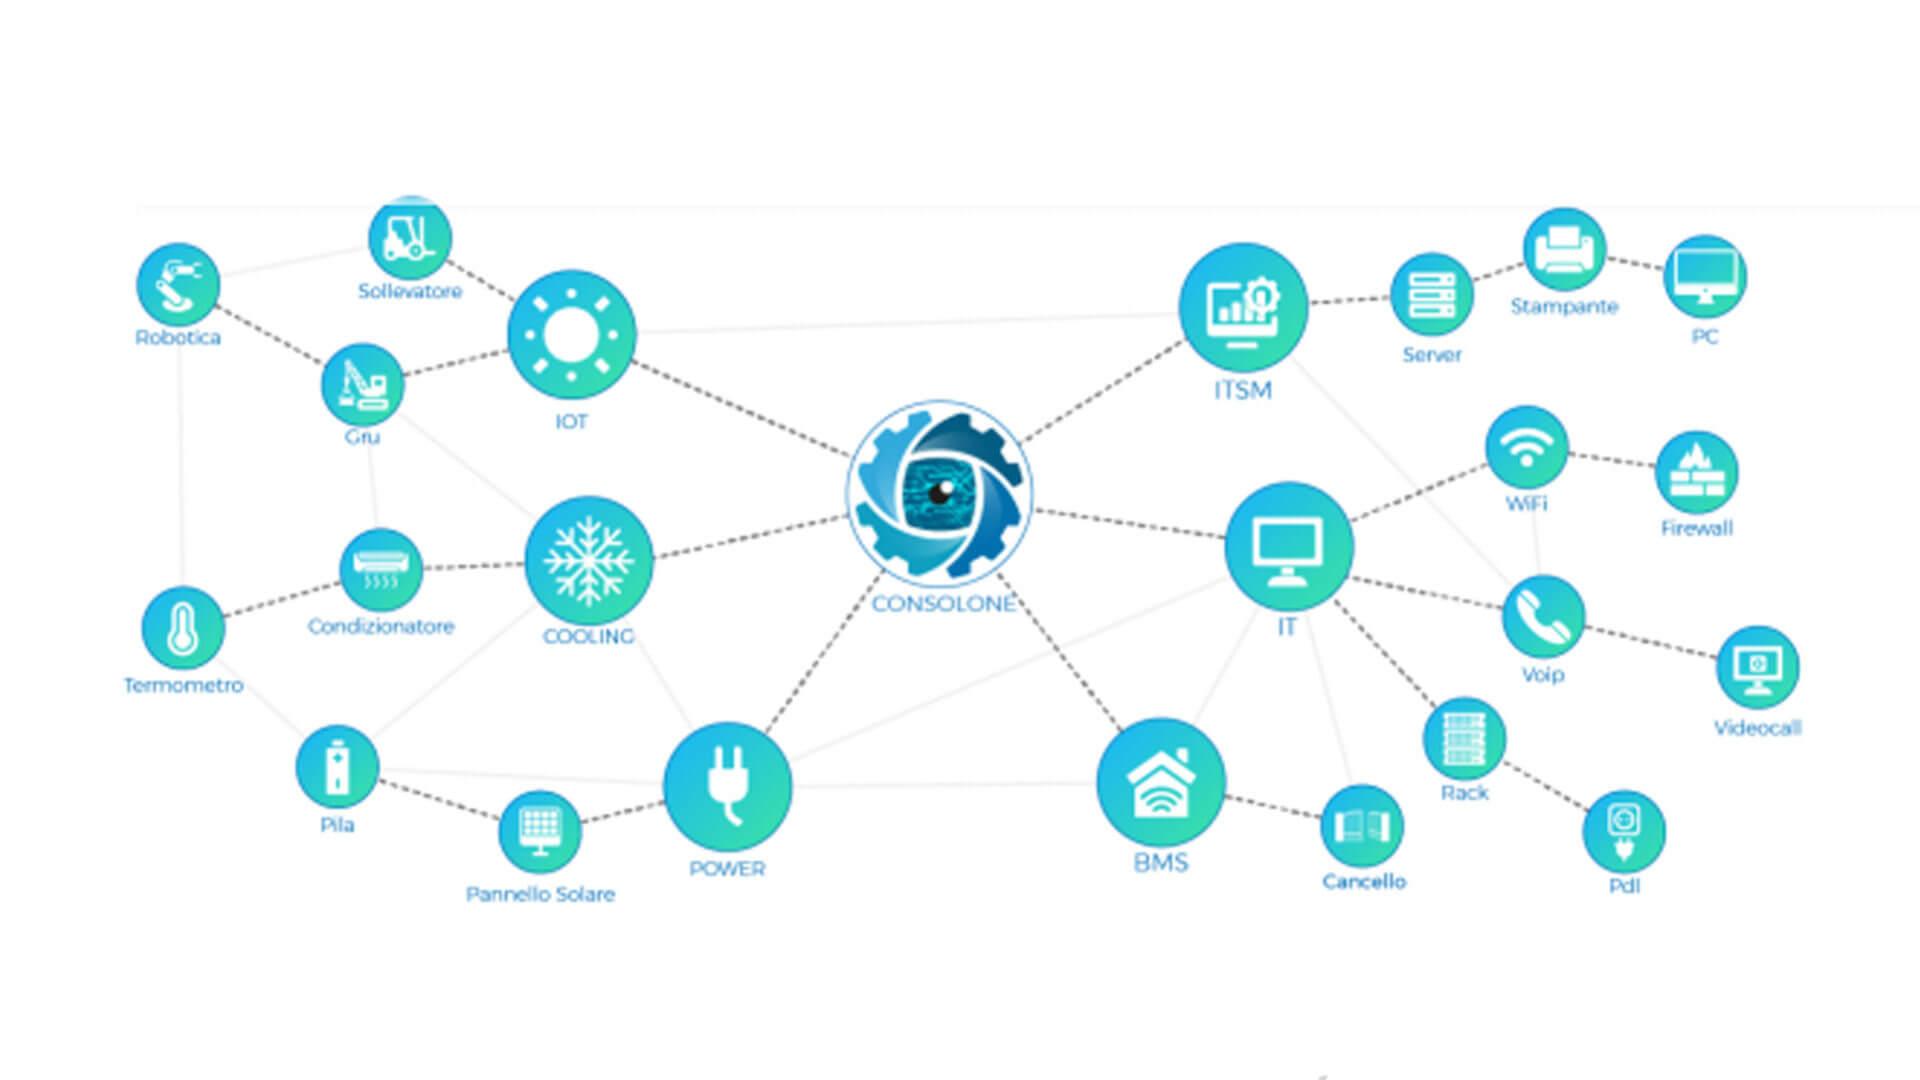 grafico che mostra smartnet consolone